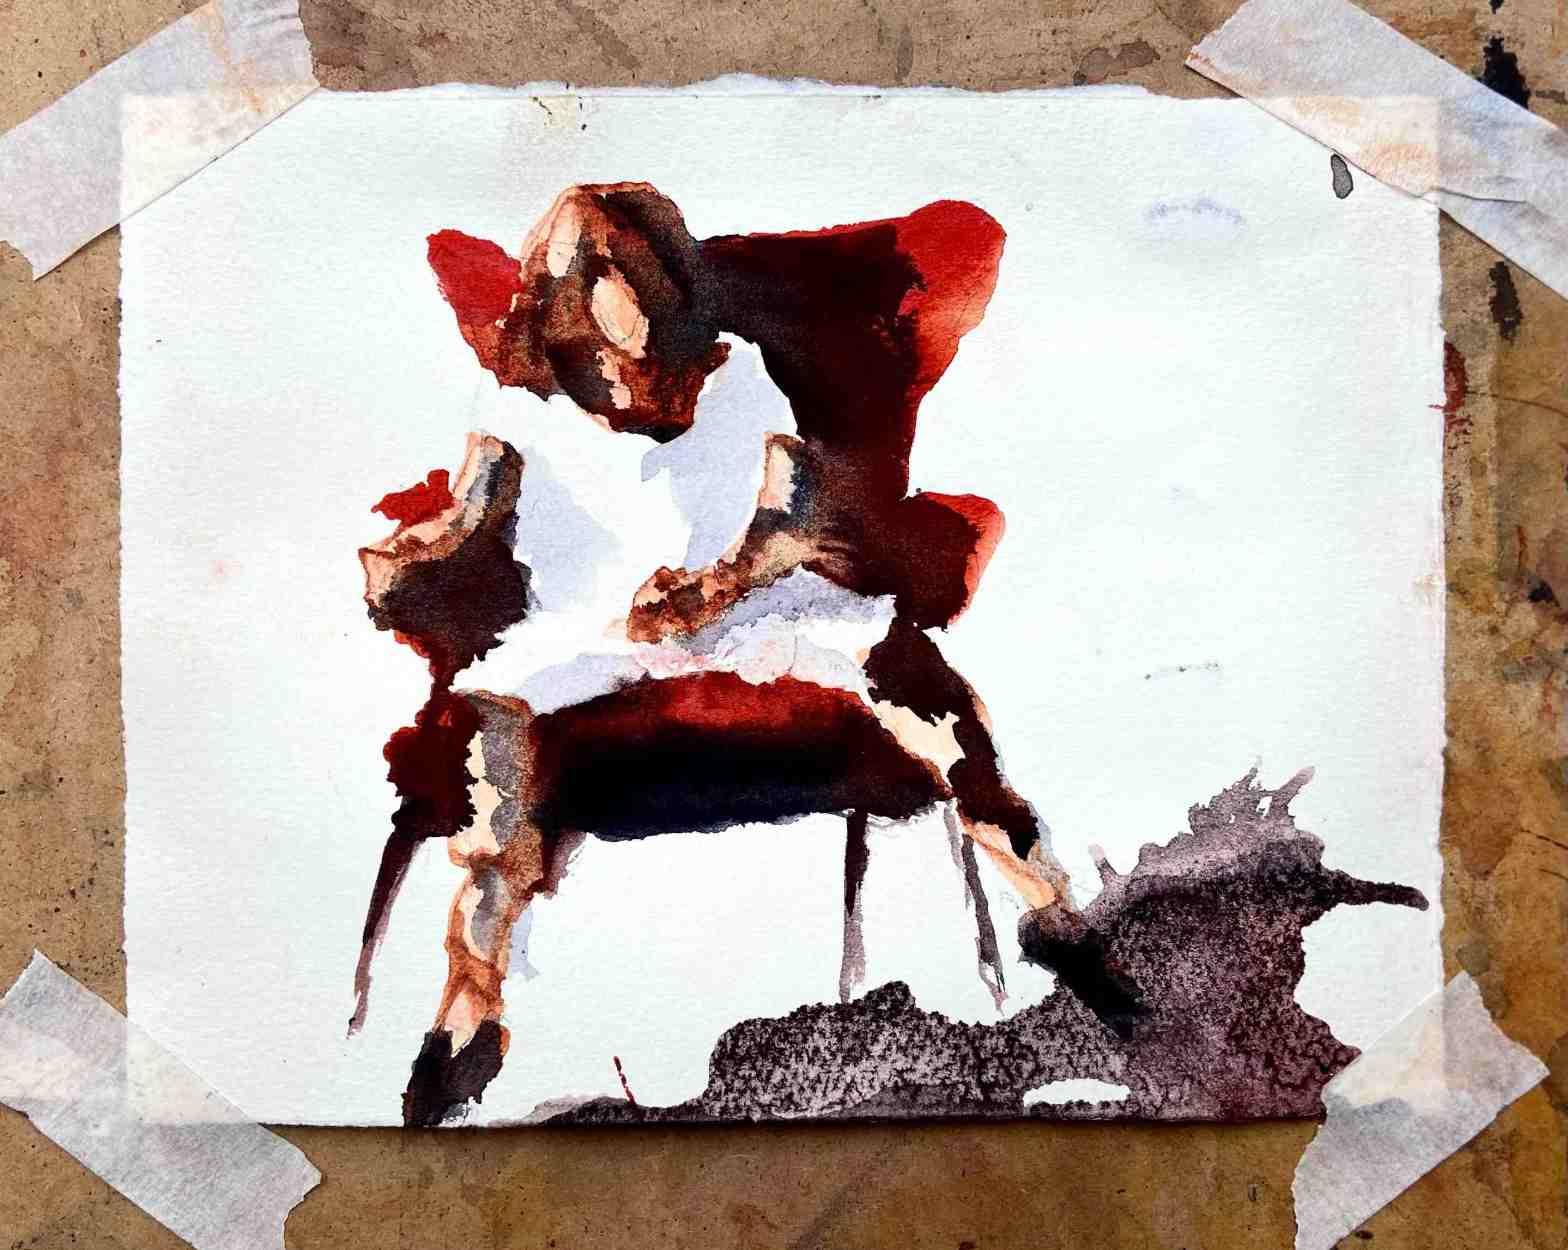 En målning av en kvinna med särade ben i en så kallad womanspread